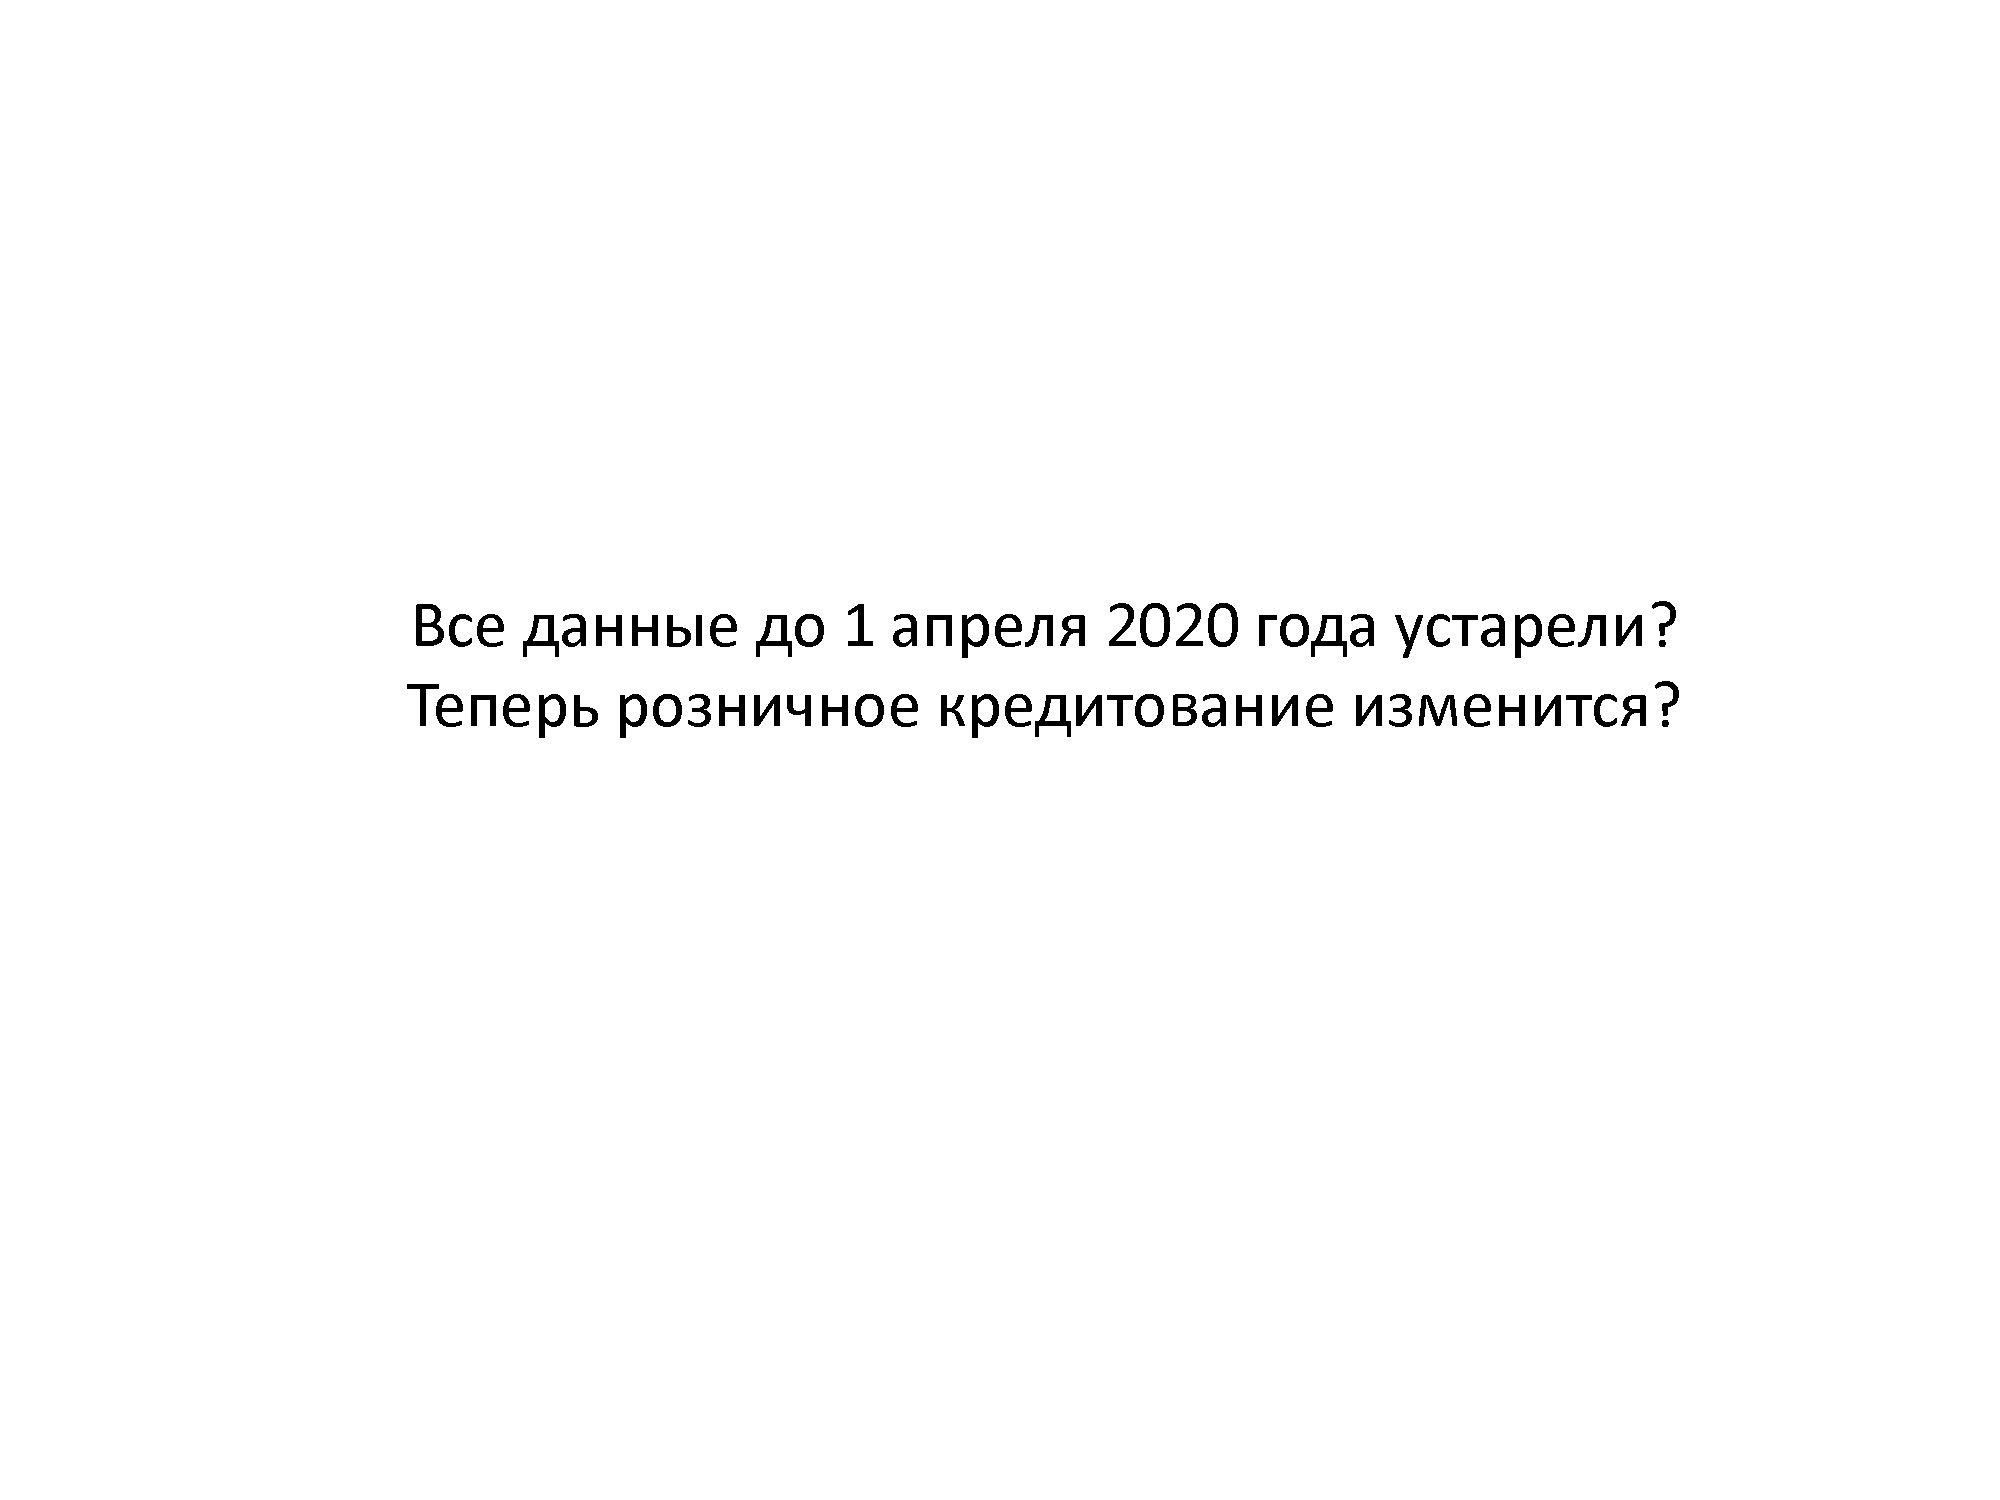 2020_04_28_Шикин_Кредитование после коронавируса_Page_07